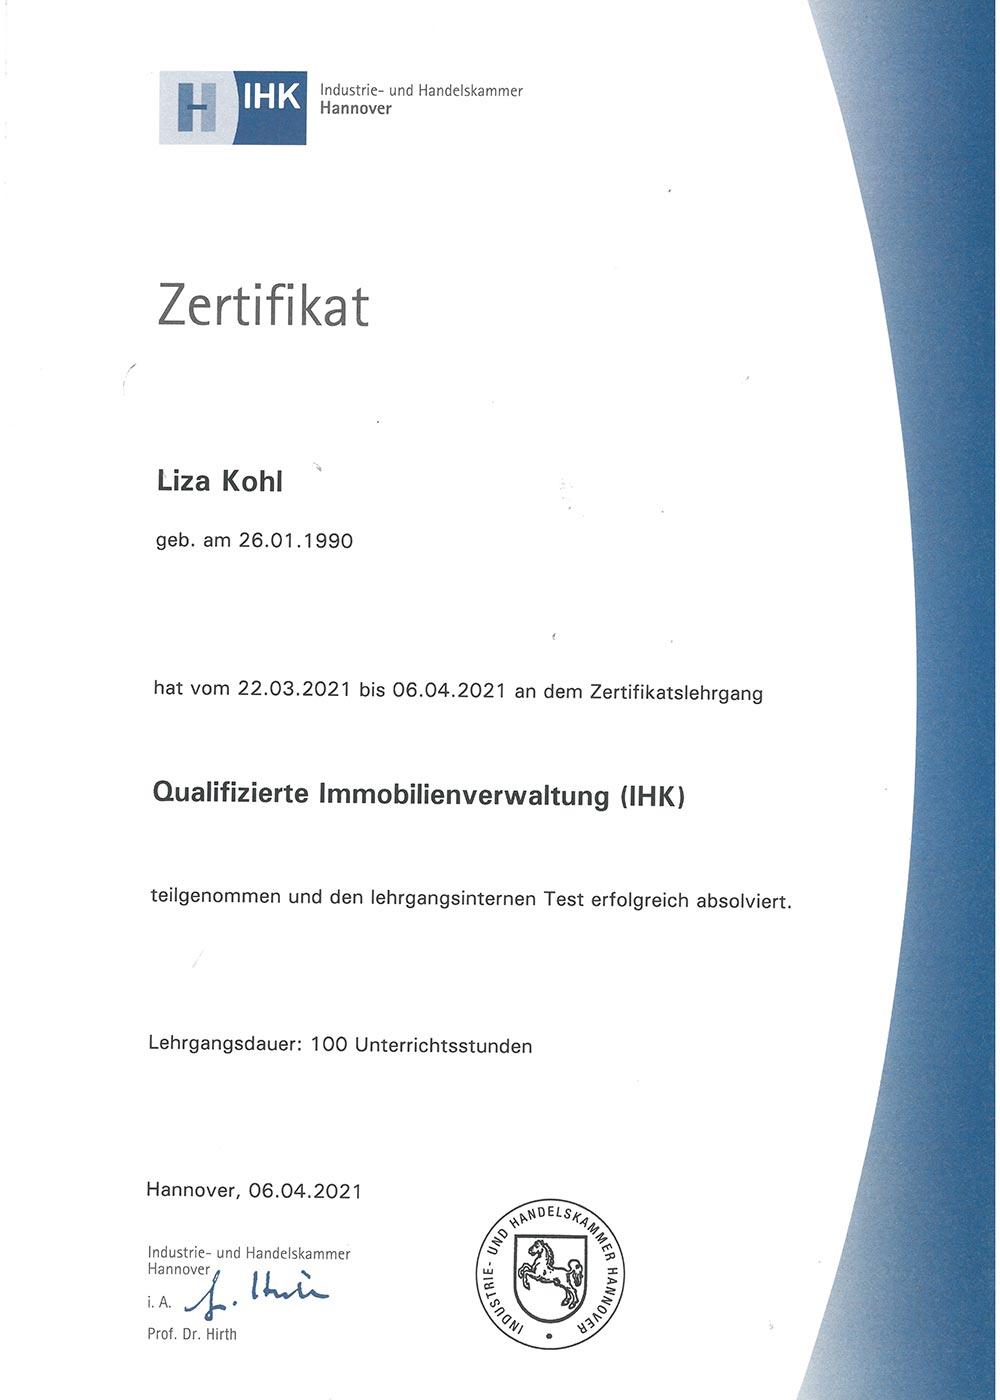 IHK-Zertifikat-Hausverwalterin Liza Kohl, Geschäftsführerin von LIZA IMMOBILIEN